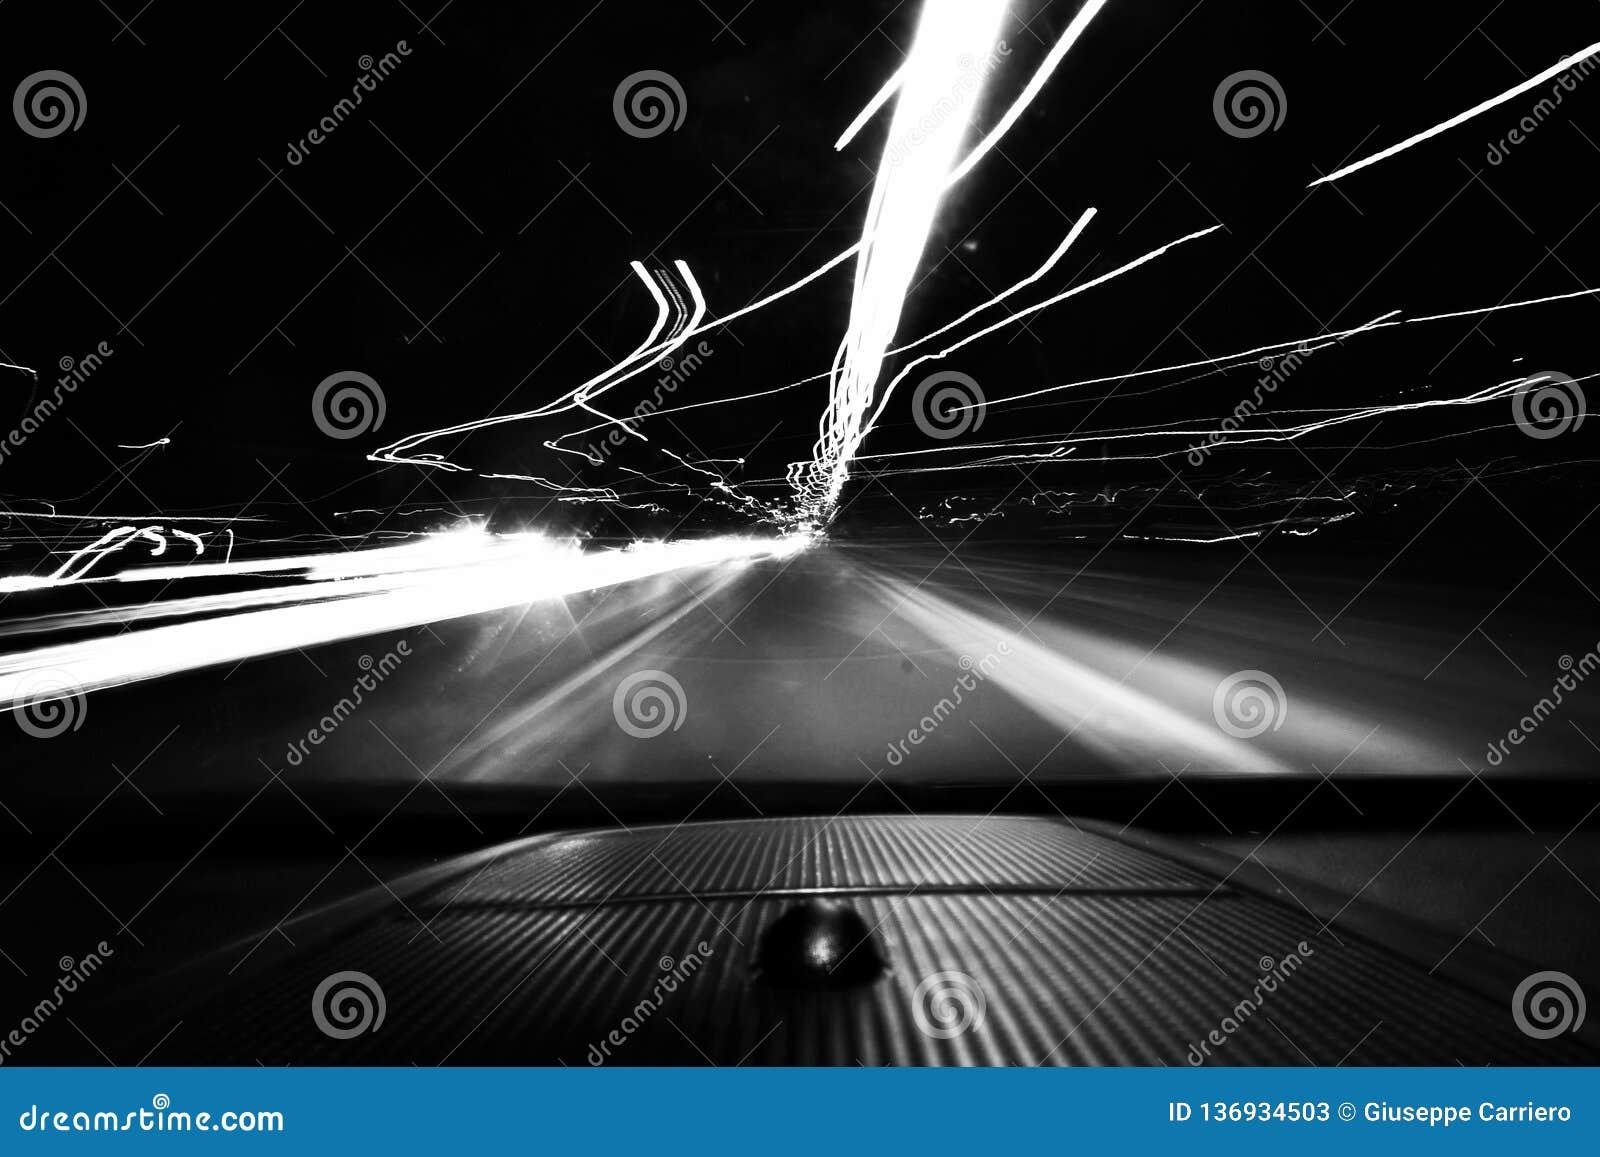 La foto blanco y negro admitida un coche, aumentando la velocidad de obturador se da el efecto del movimiento